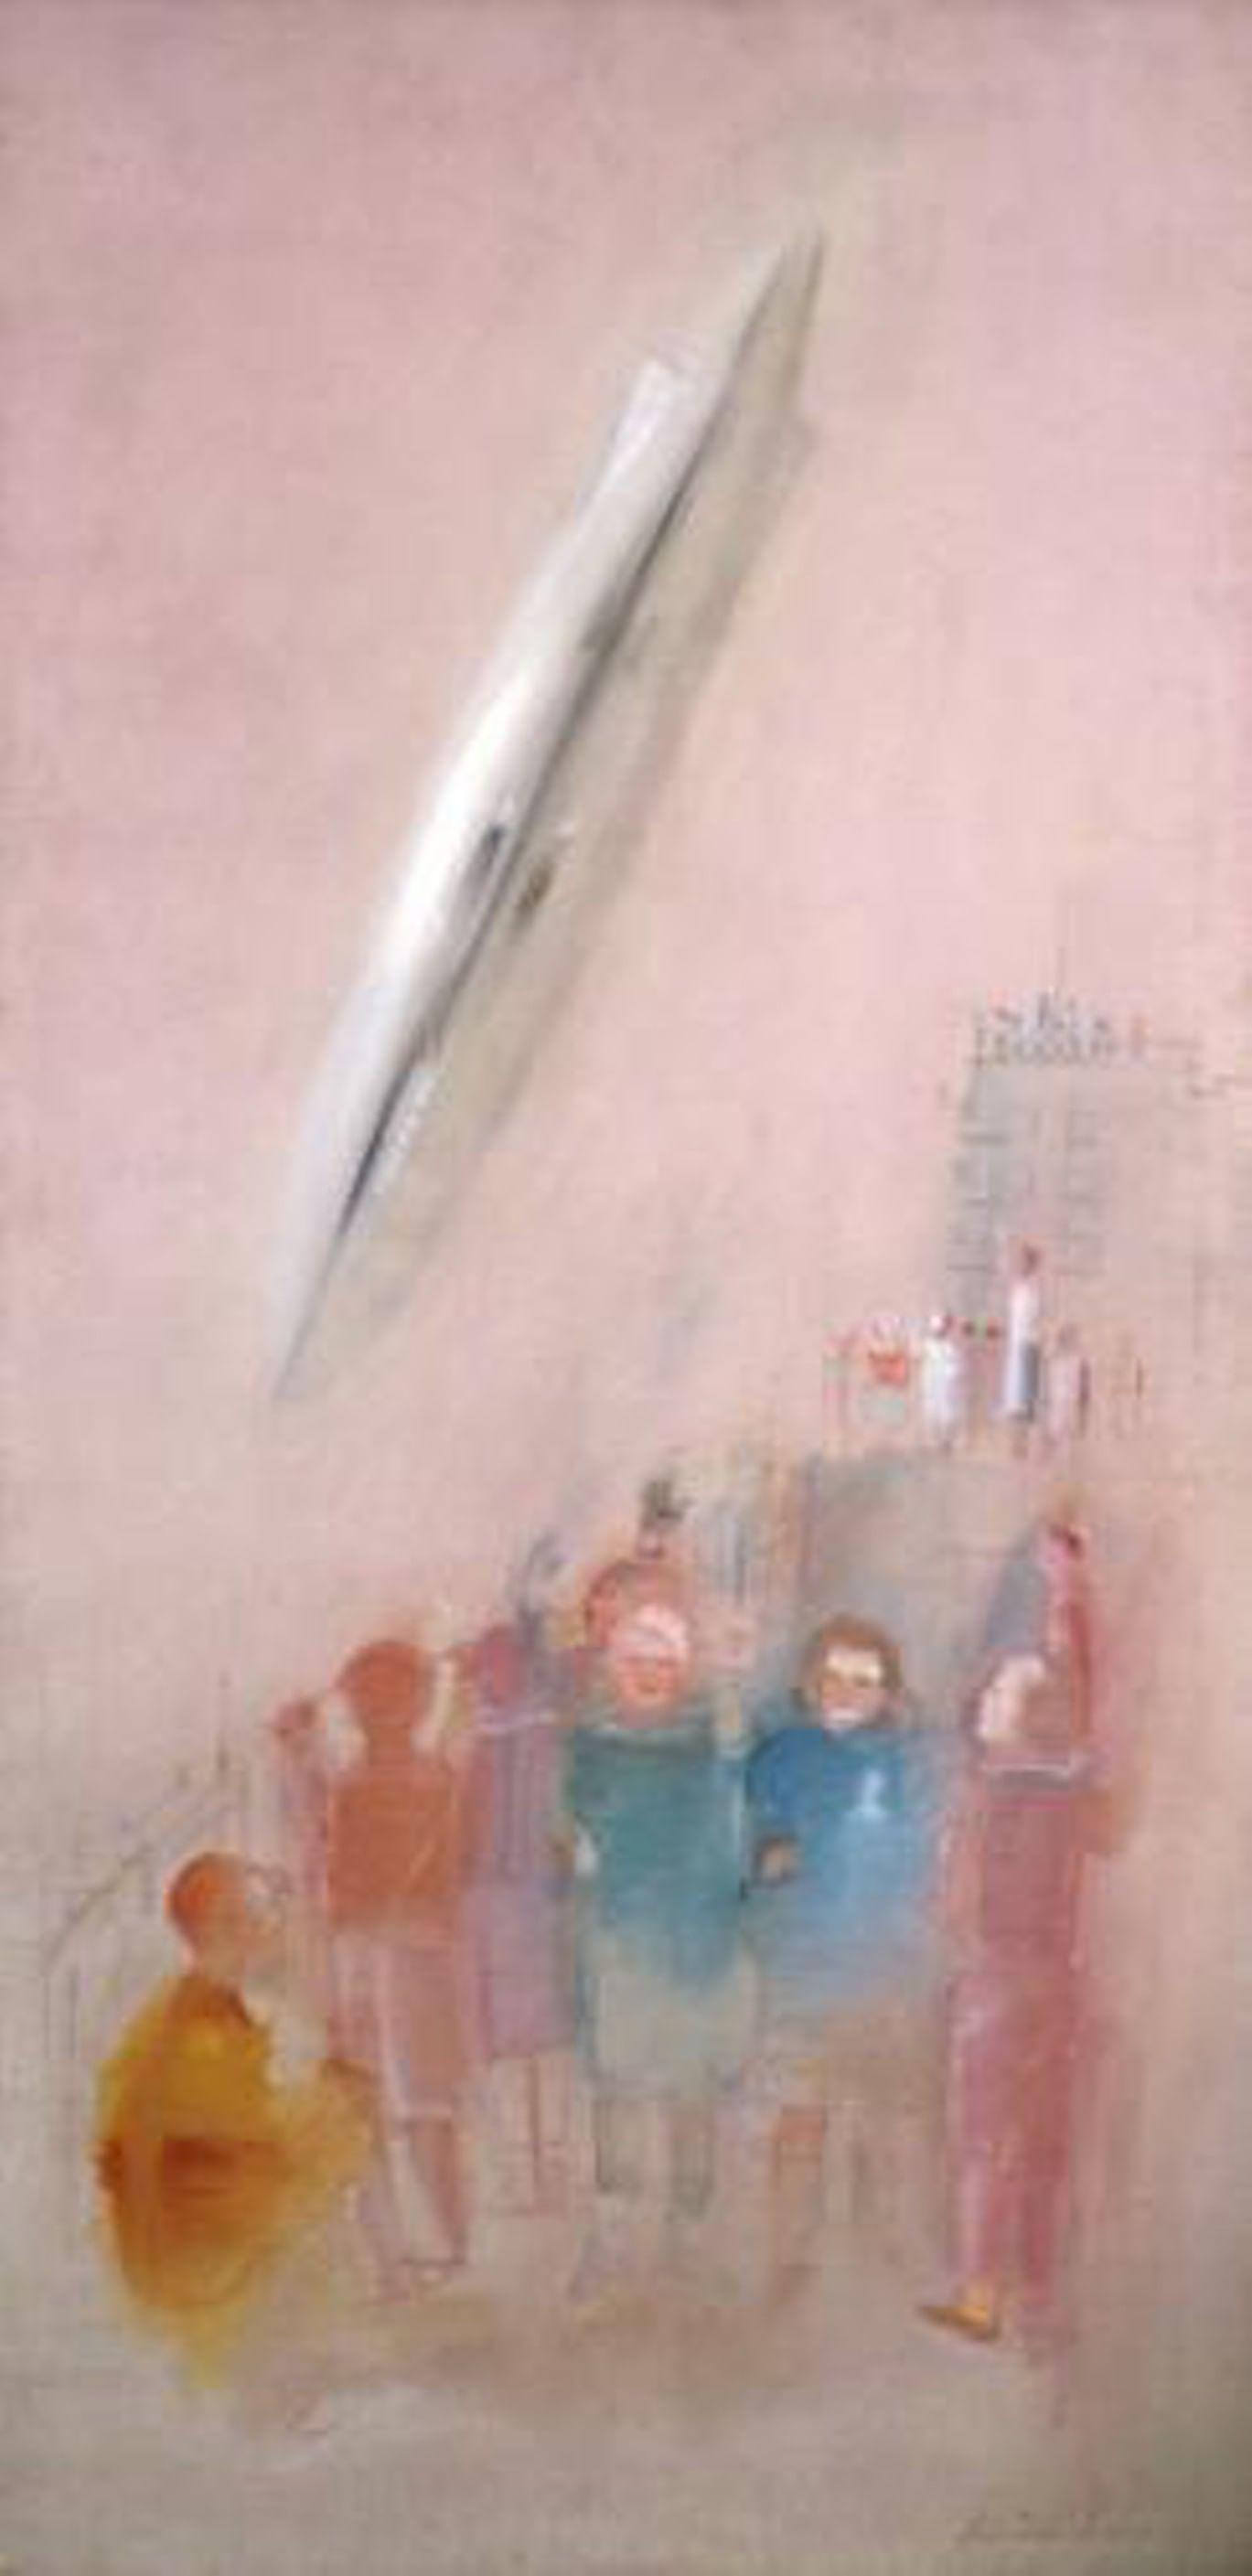 Первые дирижабль, паровоз и эскалатор на картинах Александра Лабаса. Галерея 1. Дирижабль